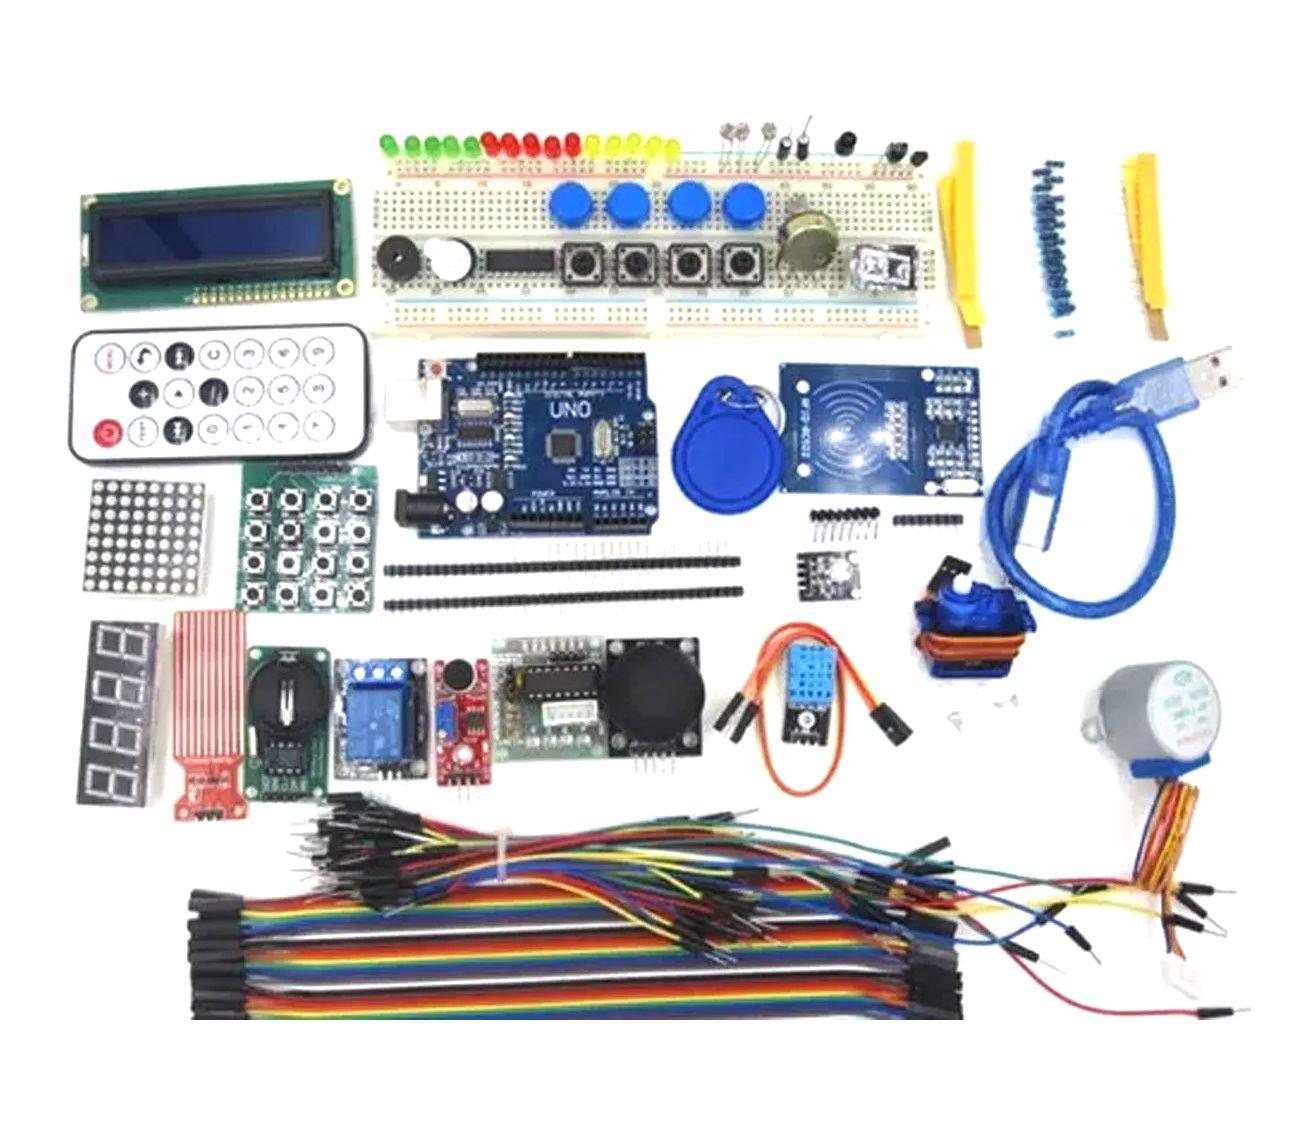 Mega Kit com Placa Uno, Protoboard 830 Furos, Kit RFID - Mais De 200 Pcs